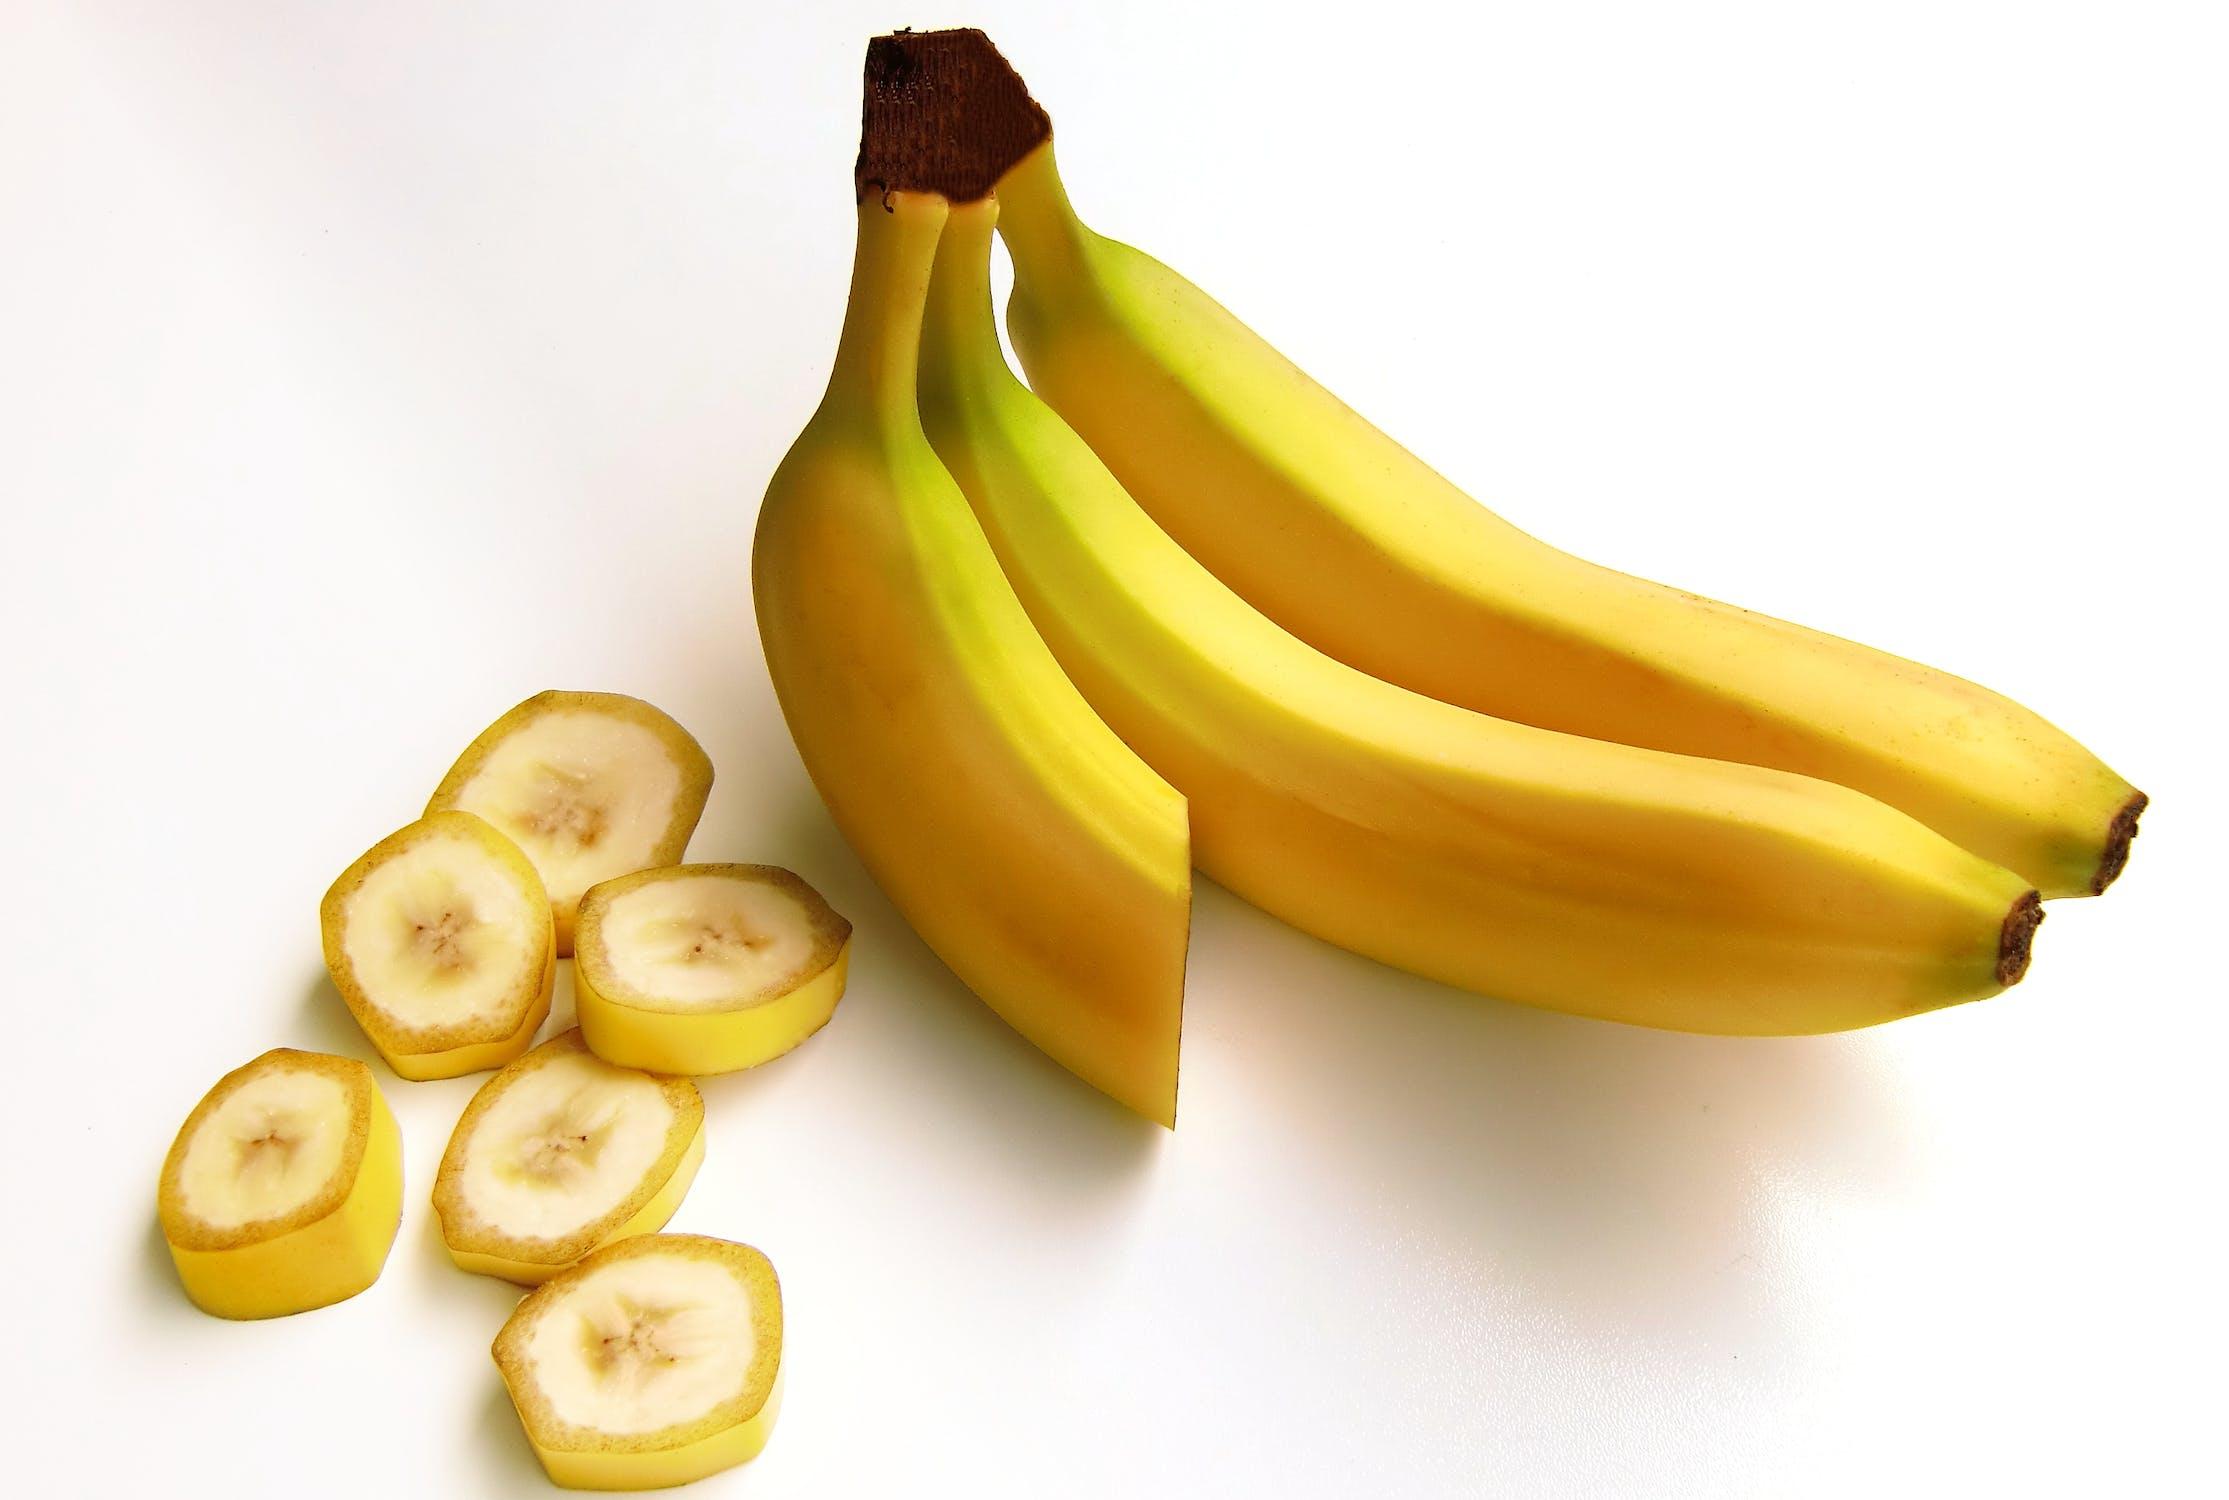 失眠 解決 - banana